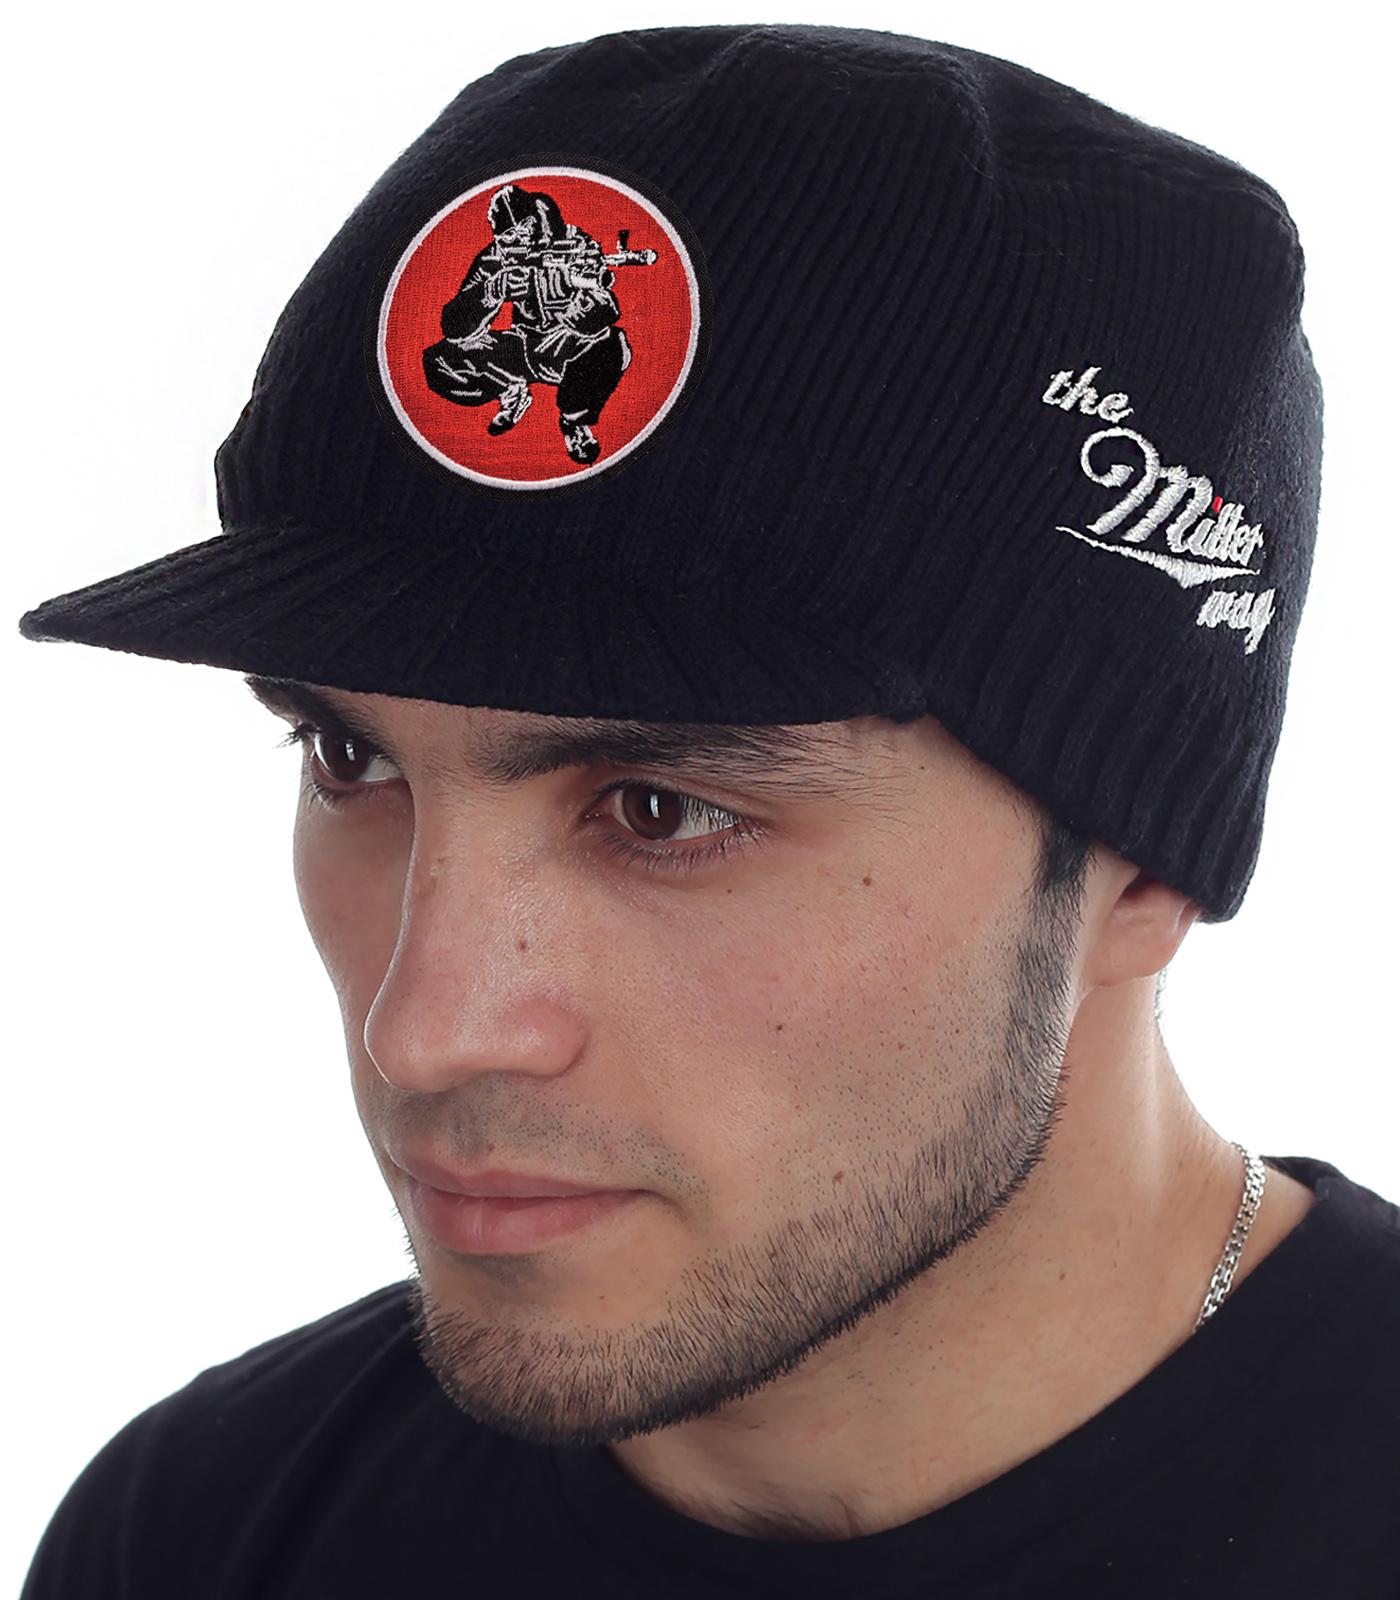 СТОП, СТРАЙКБОЛИСТ! Специально для тебя эксклюзивная мужская шапка-кепка от бренда Miller Way. На игровой площадке удобно, в городе уместно. Заказывай и выделяйся!